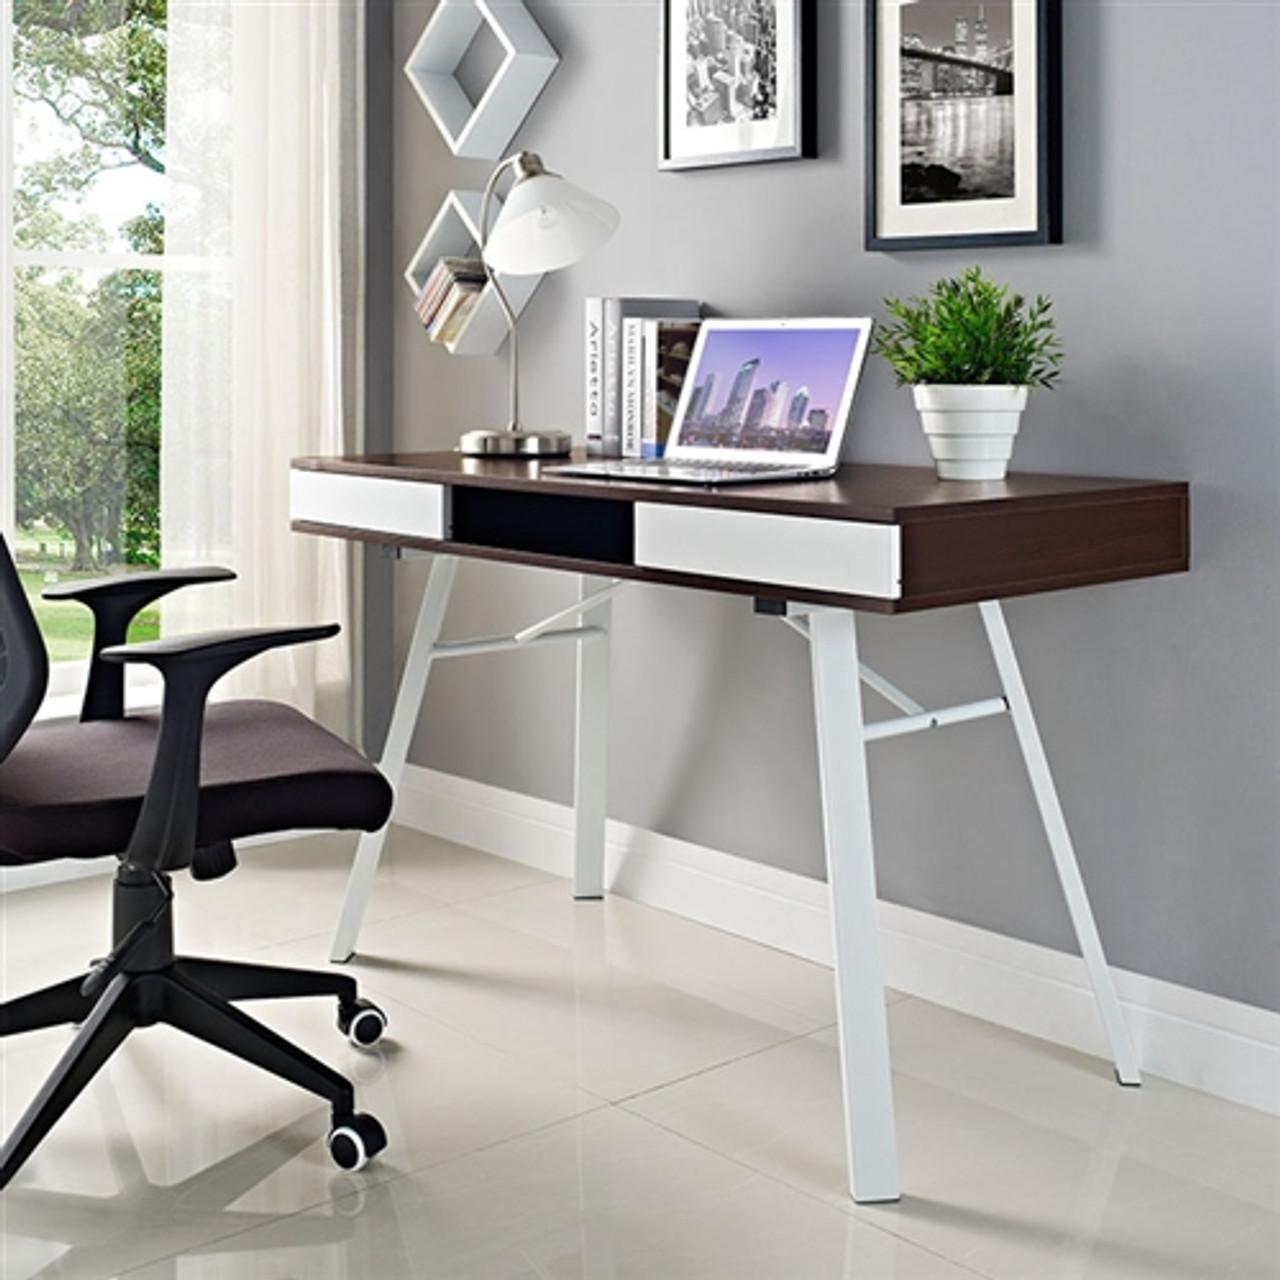 Modway Stir Mid Century Modern Office Desk EEI-39 (39 Finish Options!)